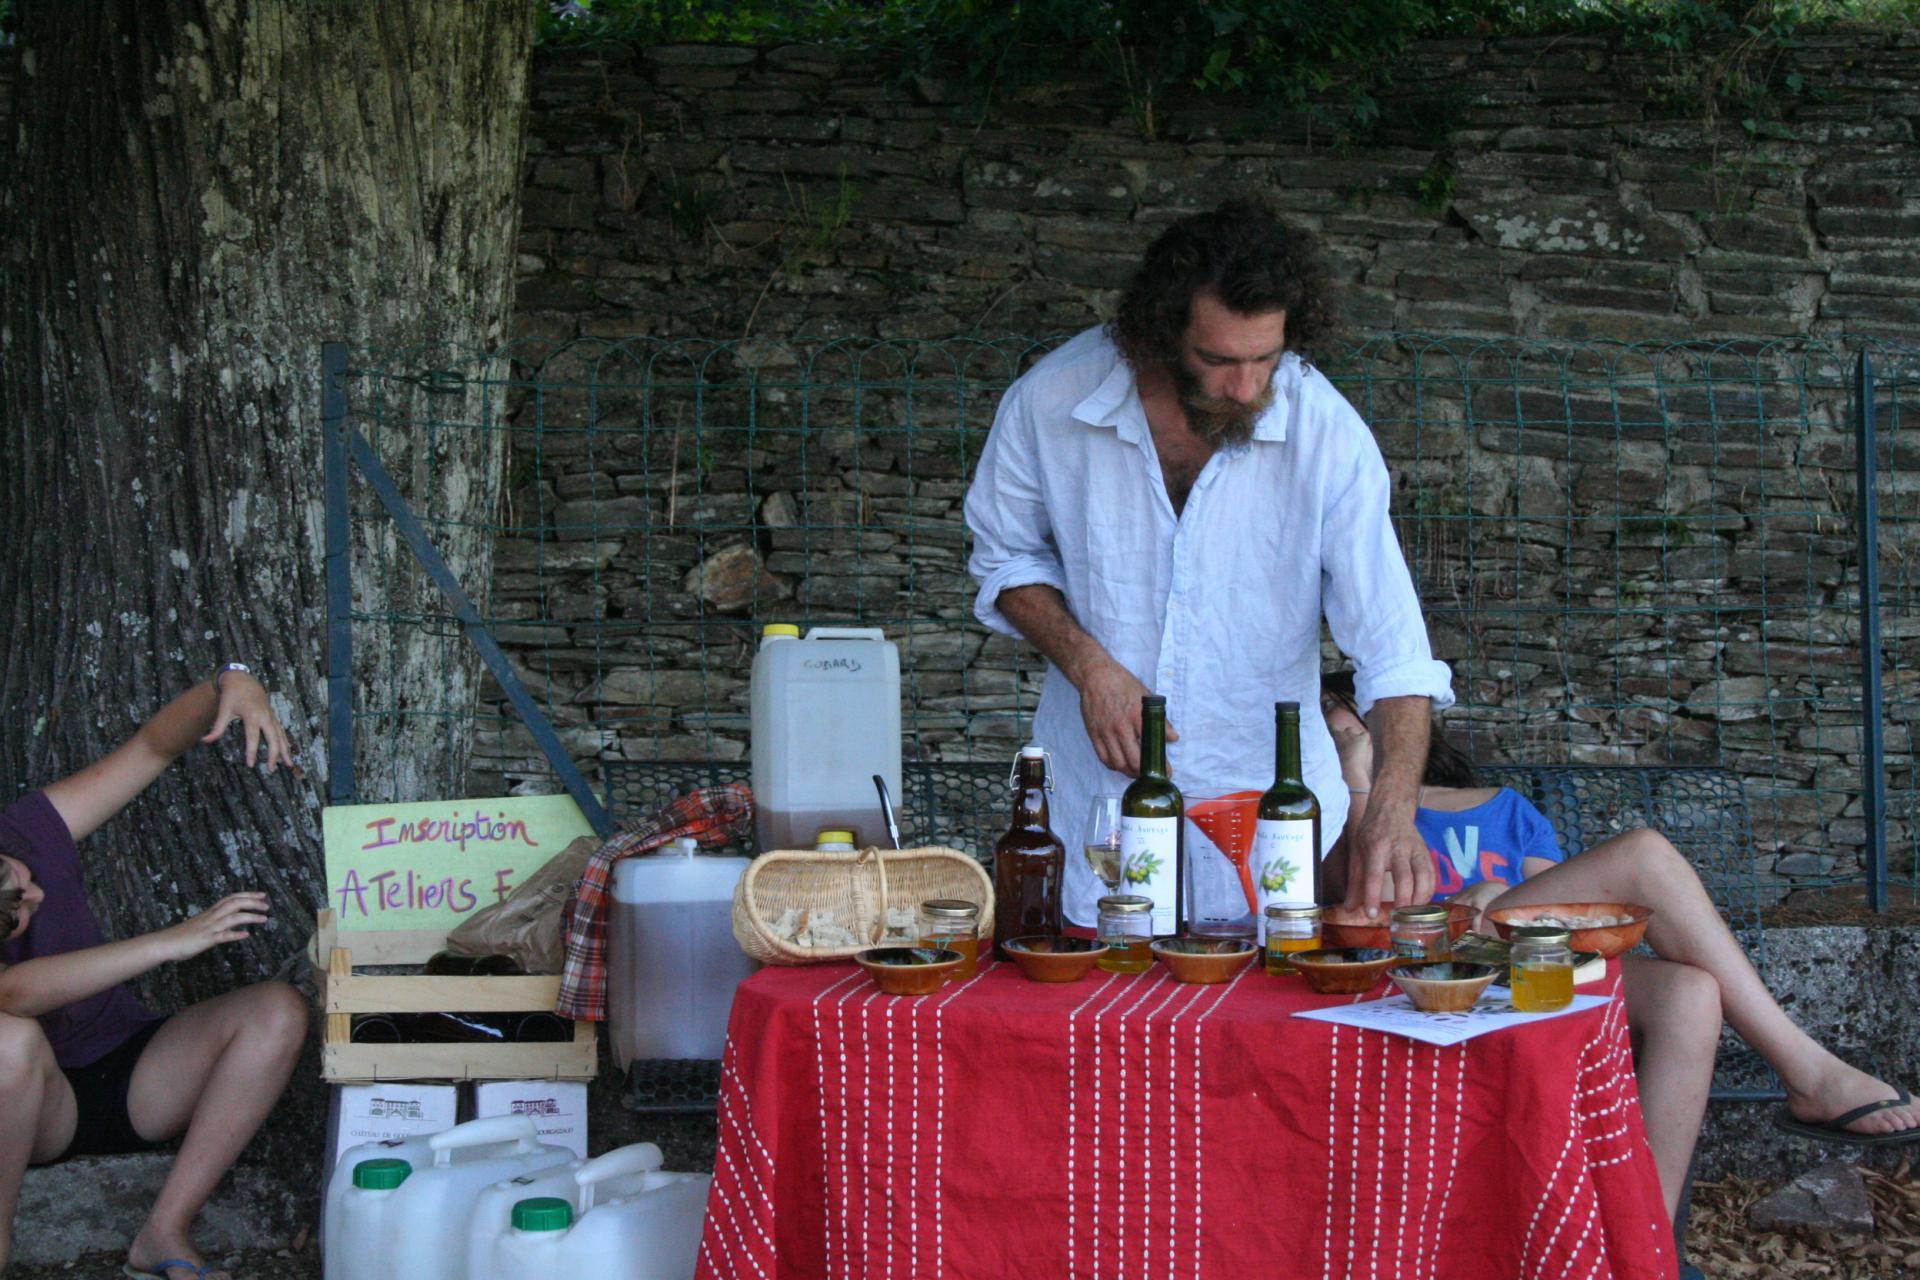 Germain et son Huile d'olive